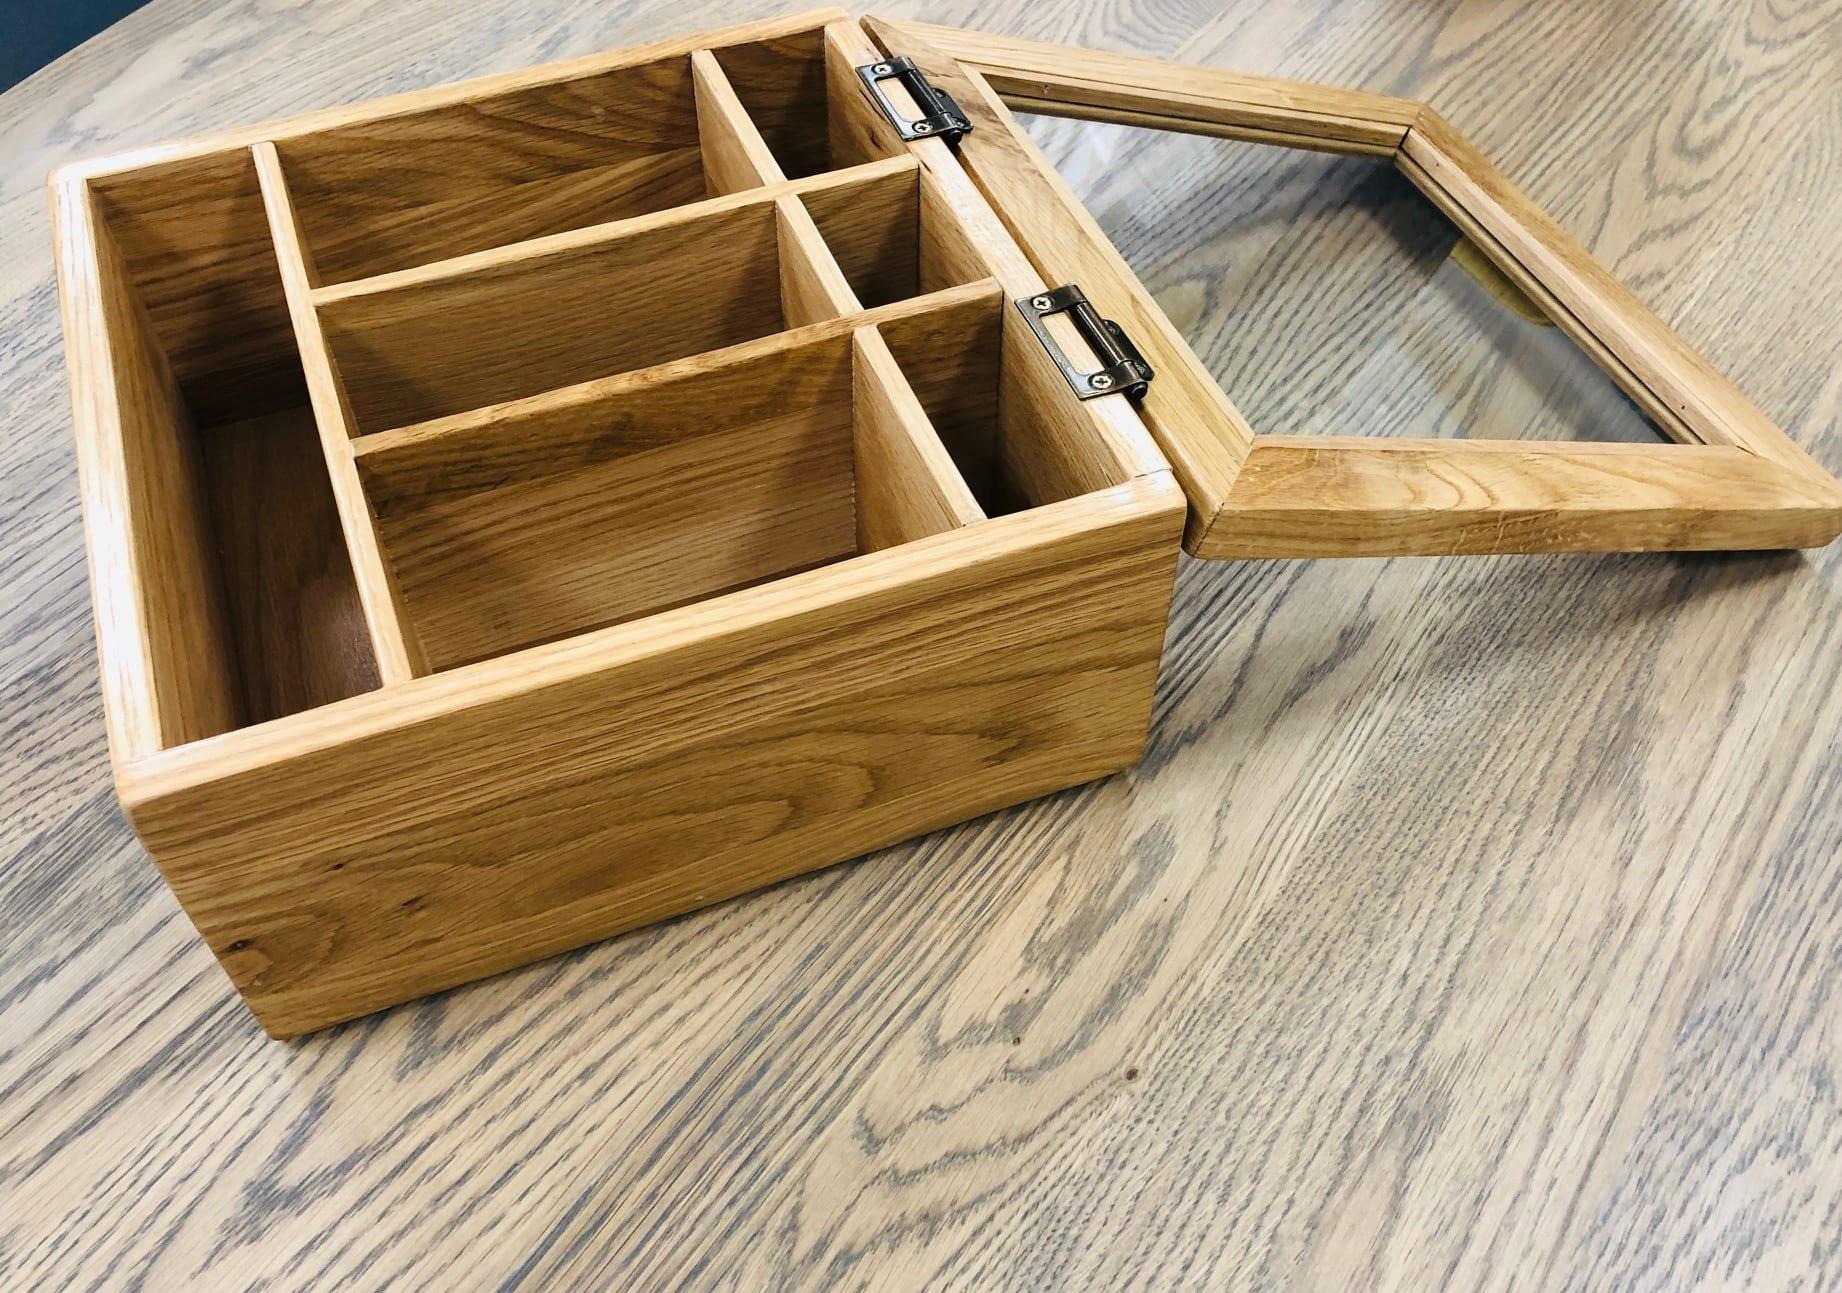 Storage Box with Glass Lid